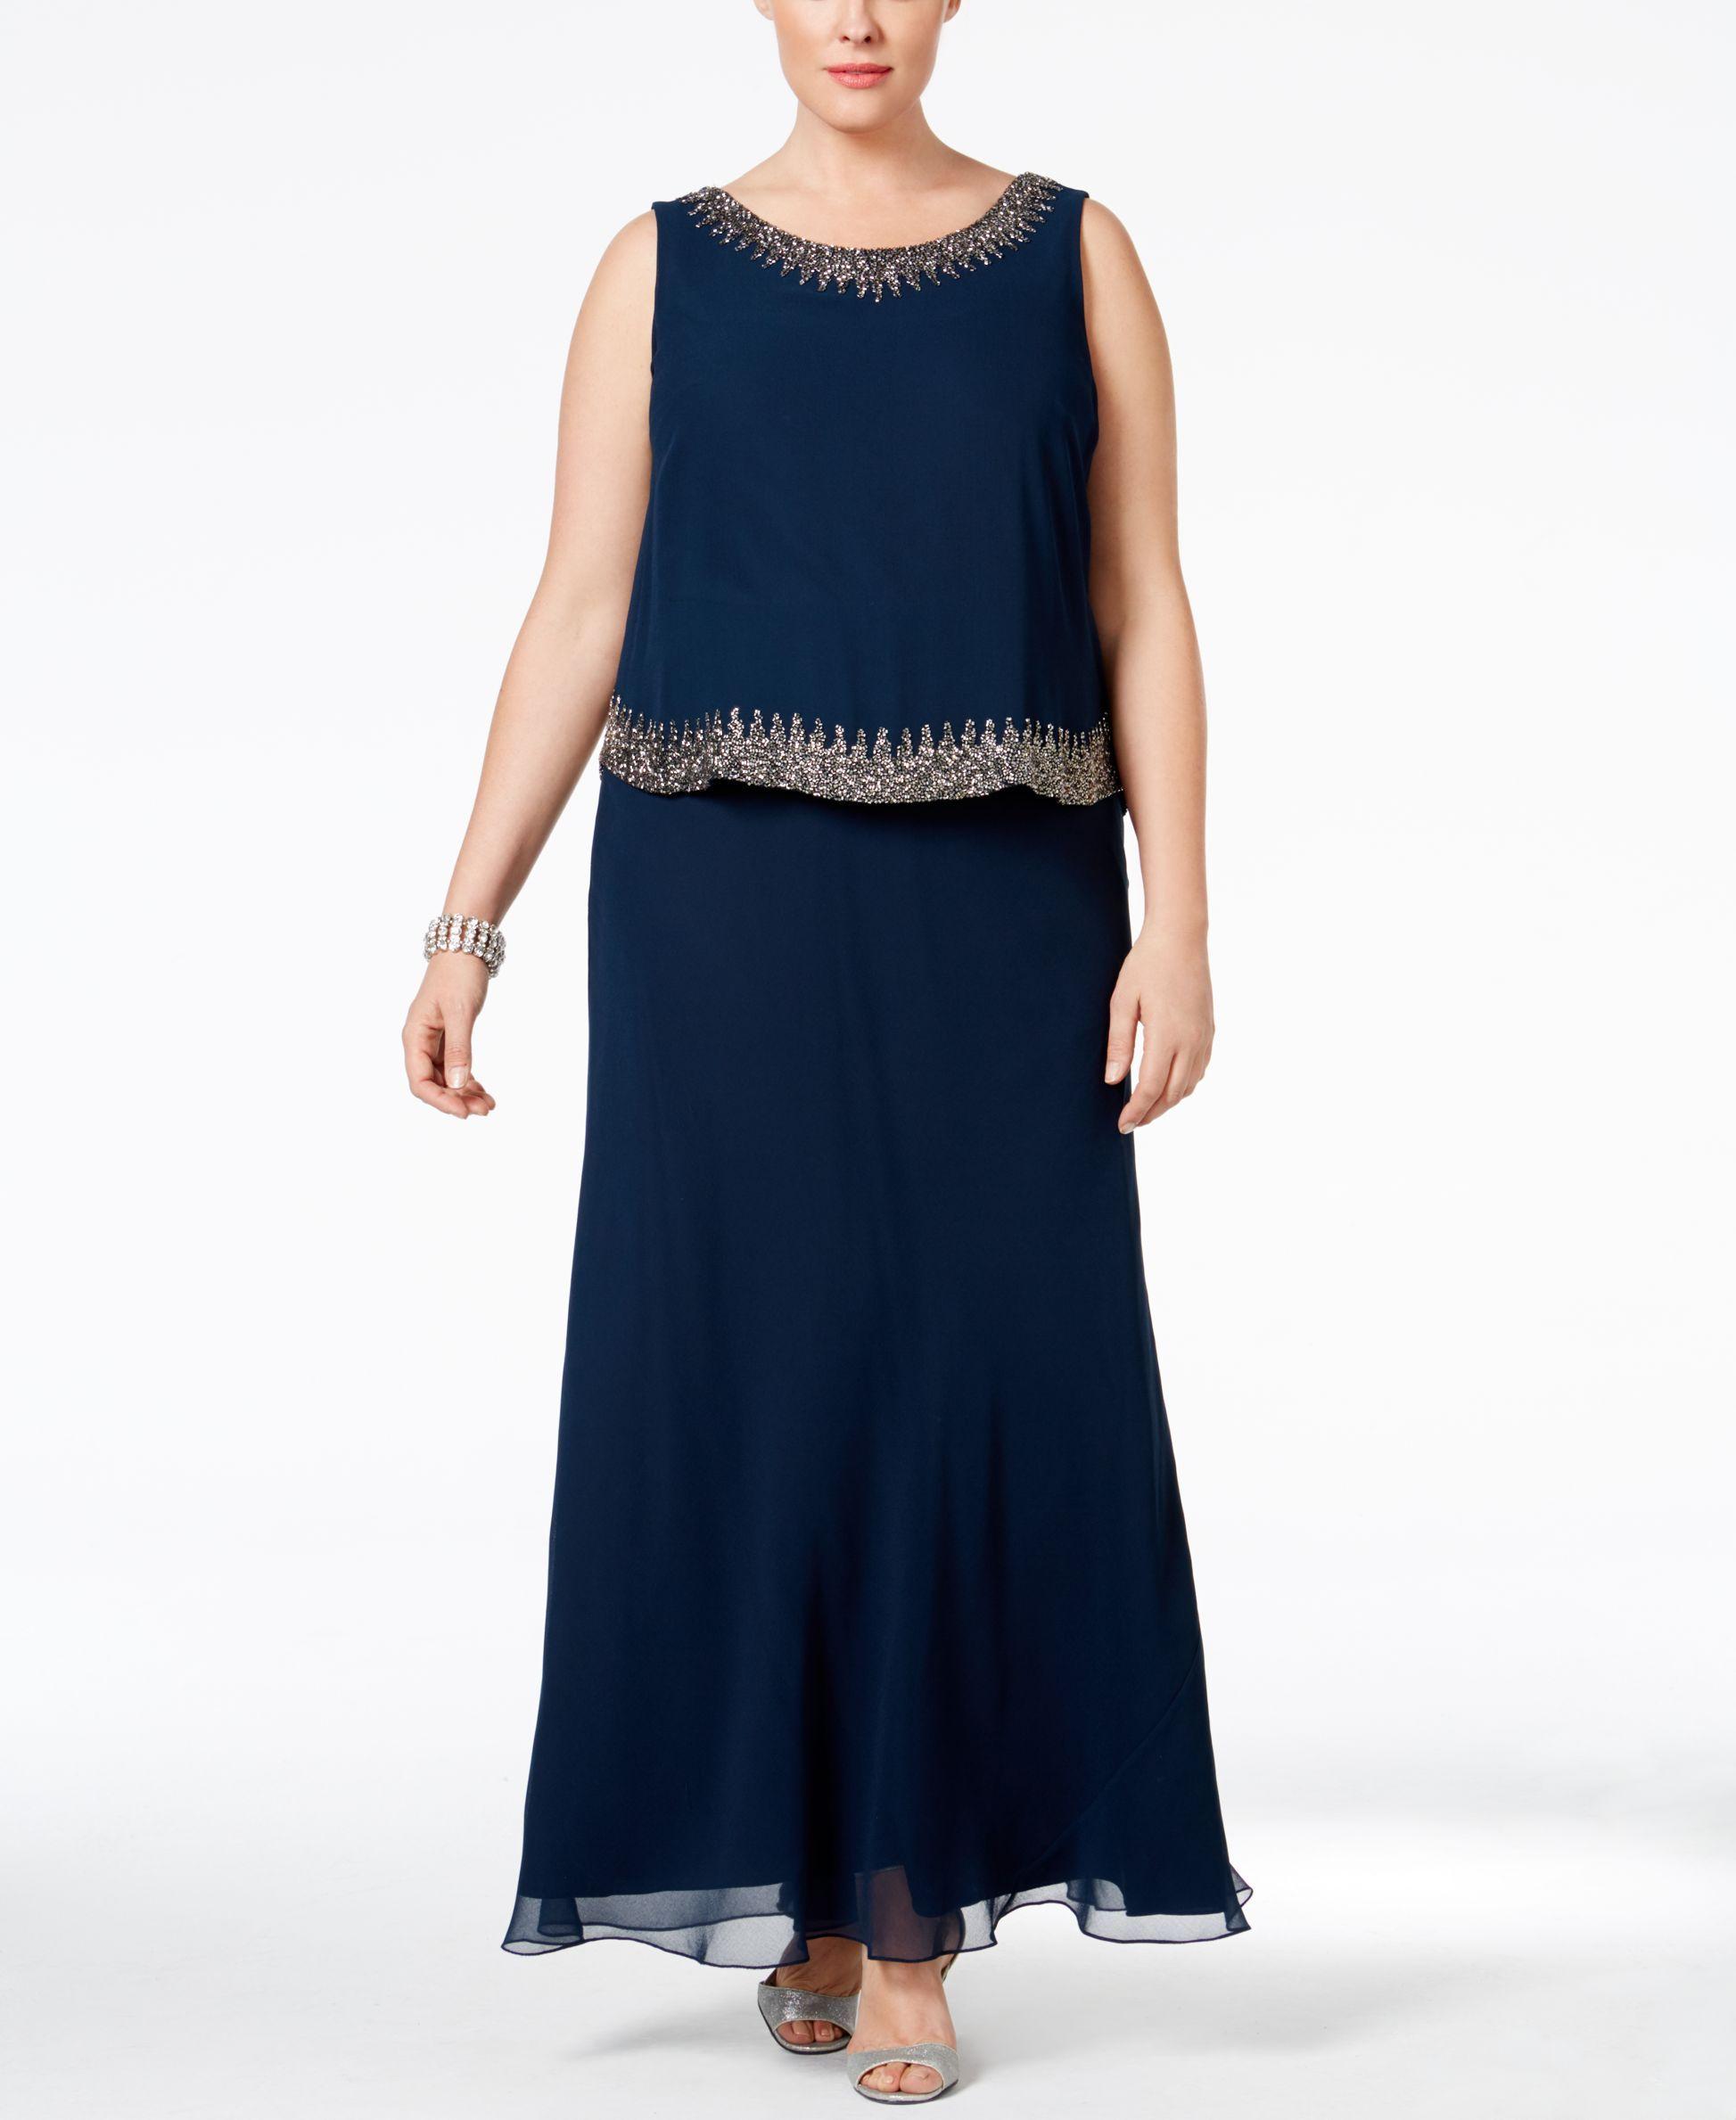 J Kara Plus Size Embellished Popover Gown | wedding | Pinterest ...